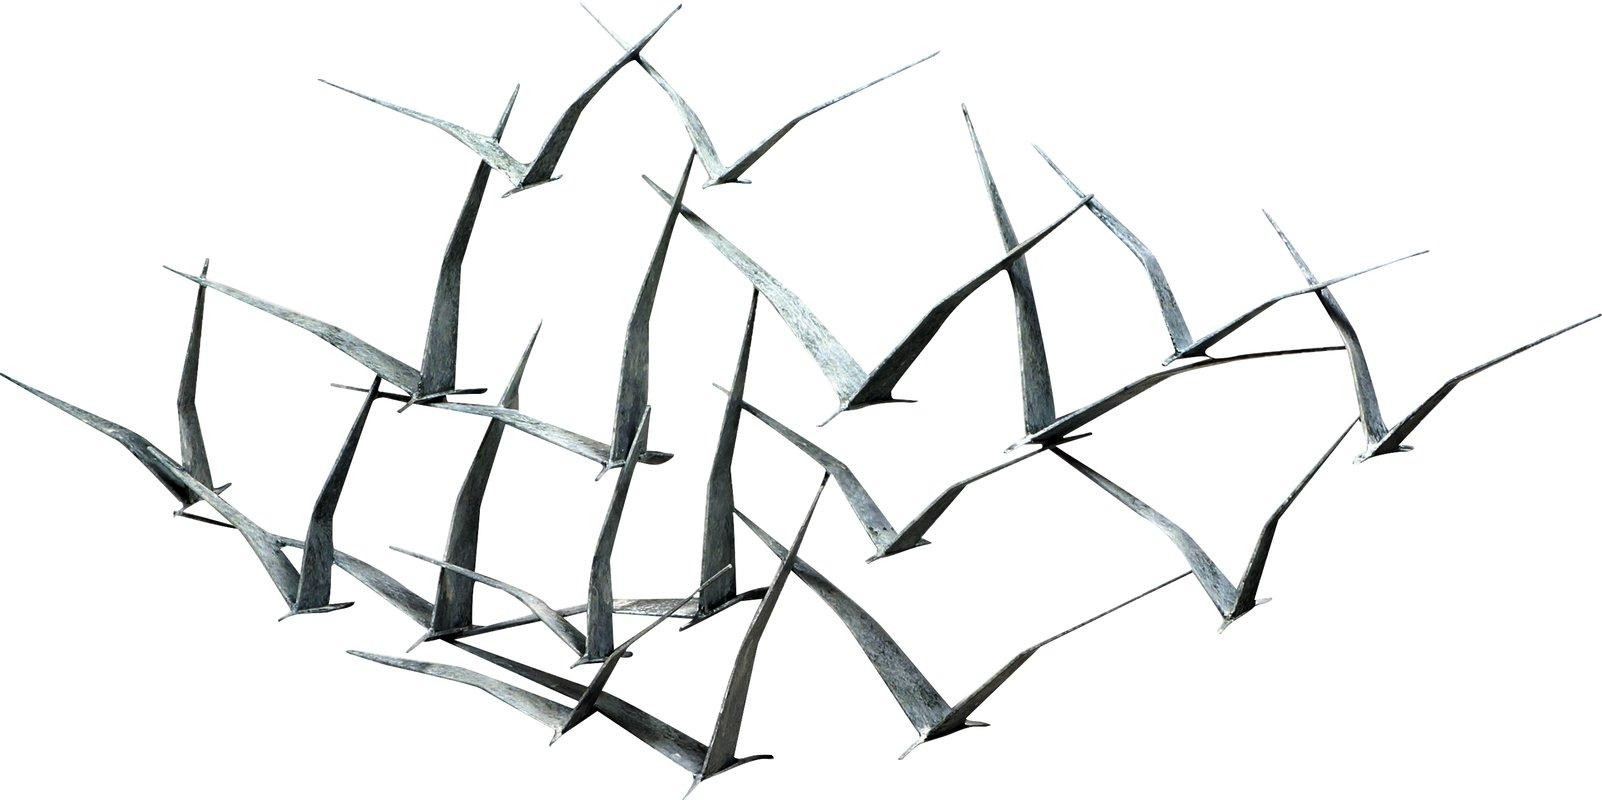 Flock Of Birds Metal Wall Art – Shenra In Flock Of Birds Metal Wall Art (View 20 of 20)